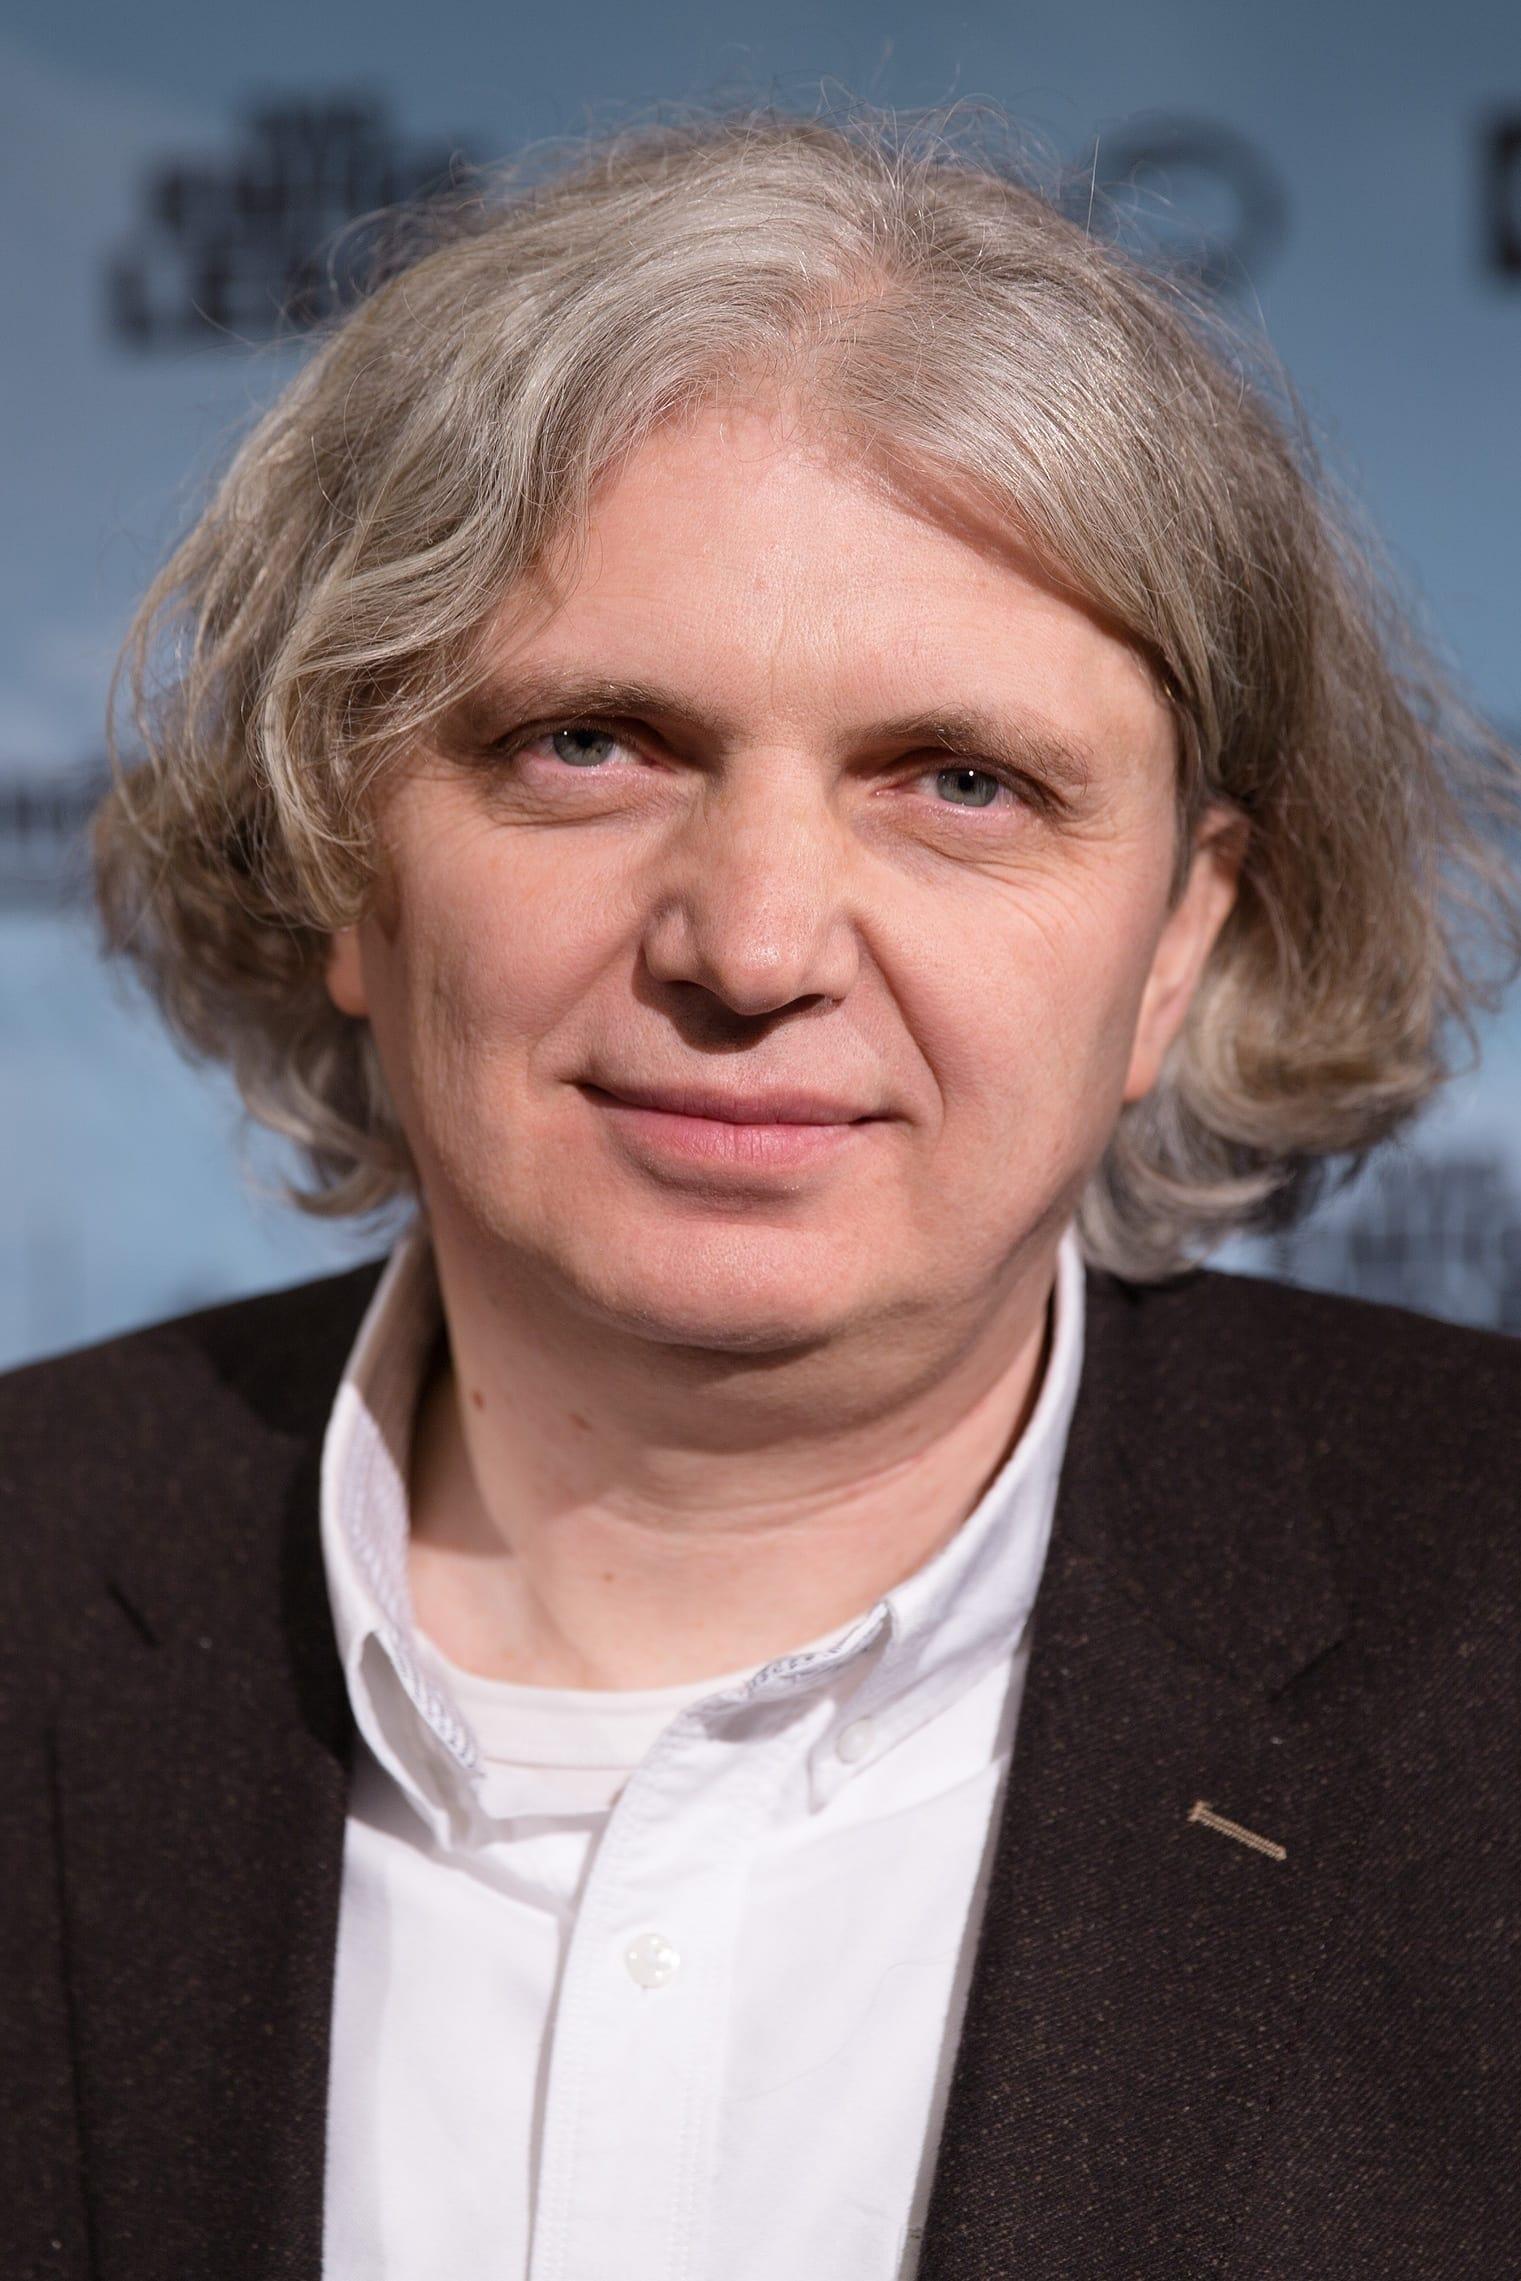 Wolfgang Murnberger